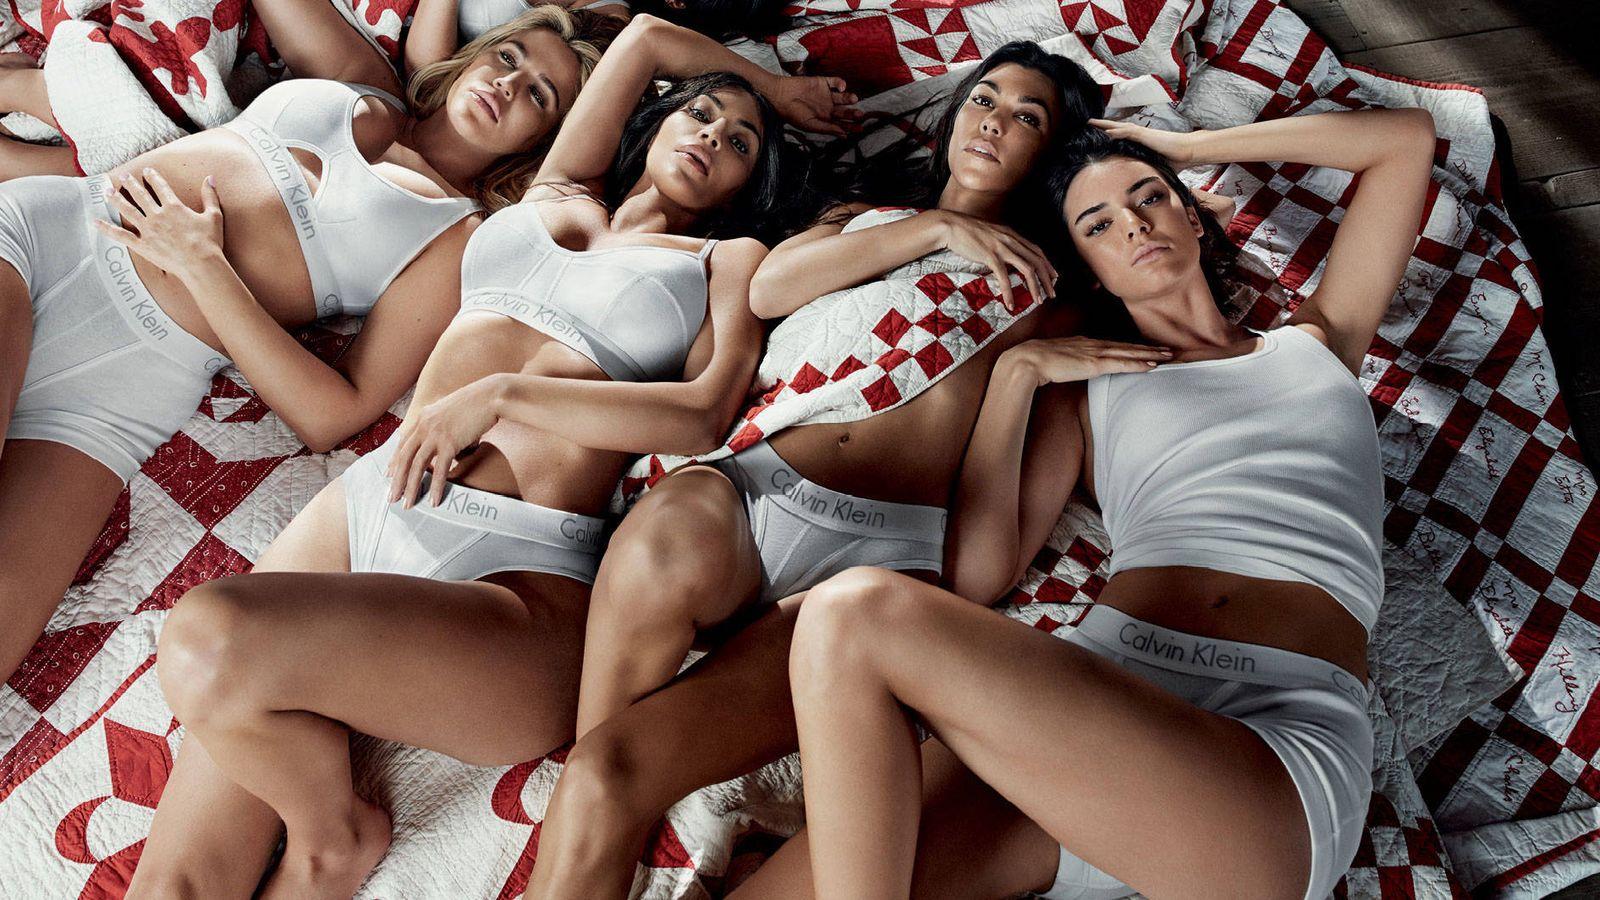 Foto: La lencería también es asunto de celebrities. (Foto: Calvin Klein)